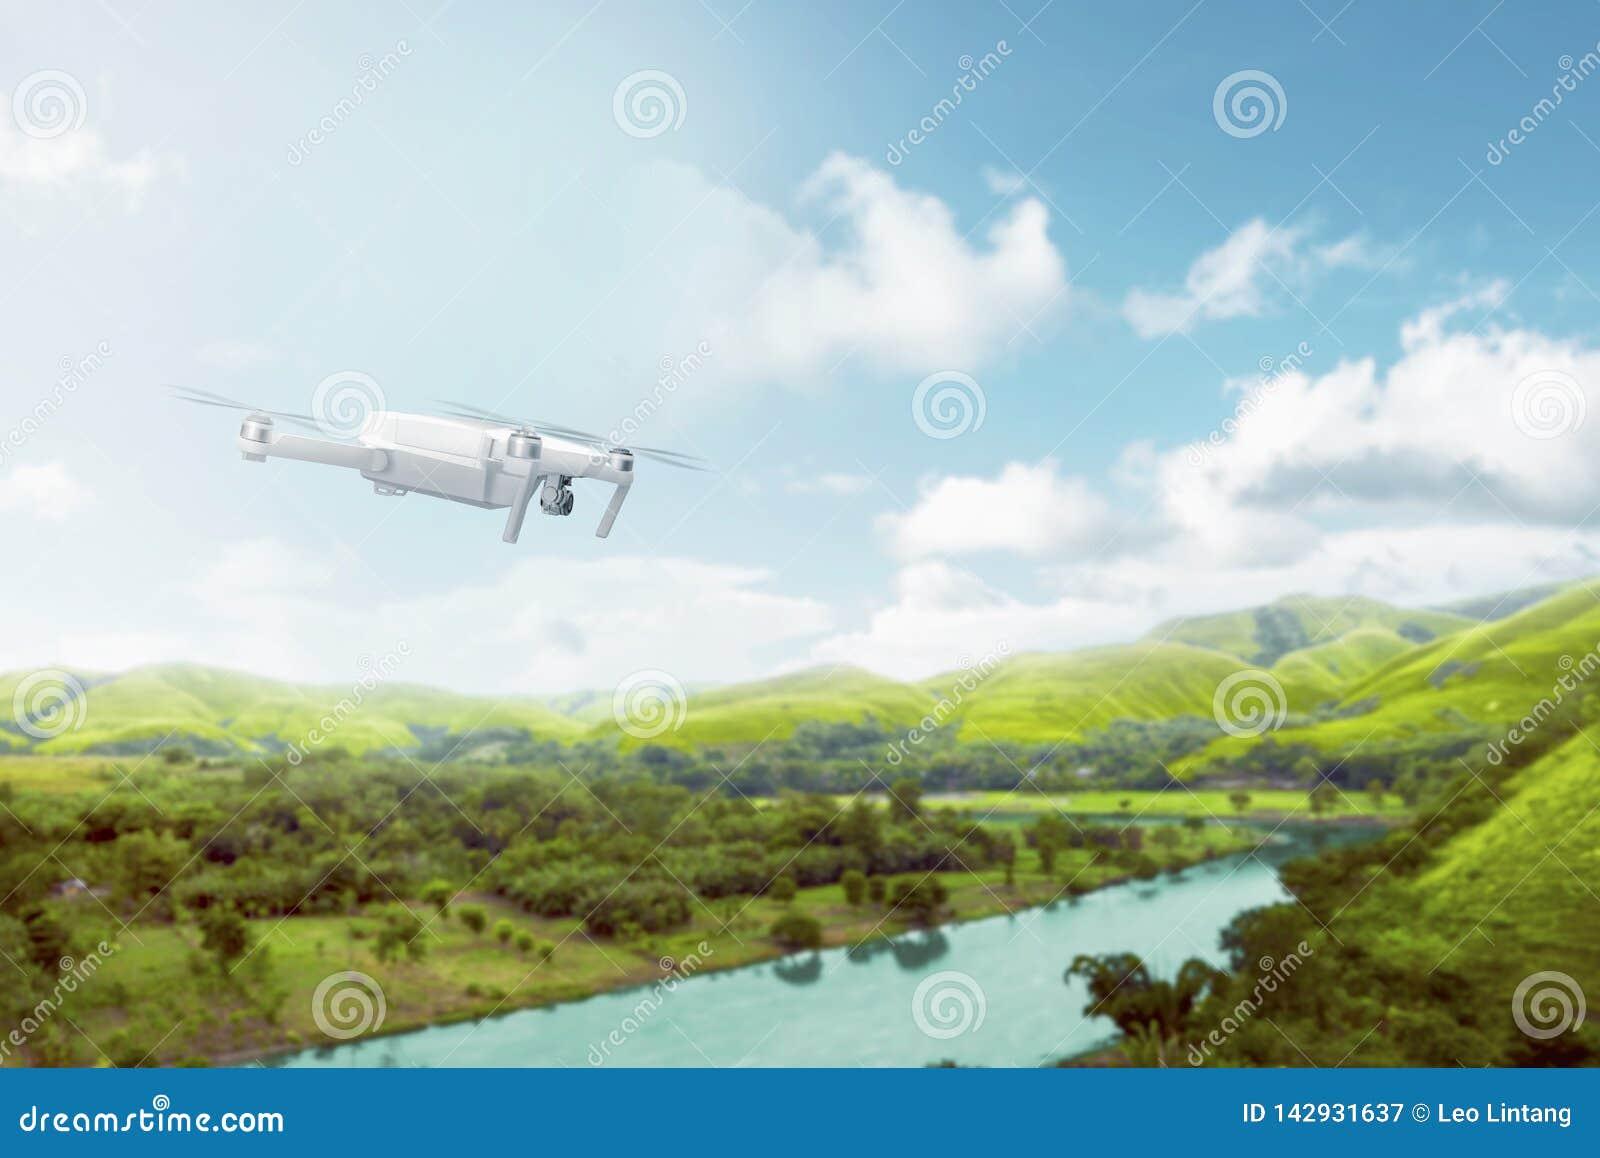 Zangão branco com voo da câmera sobre montes verdes com rio e árvores